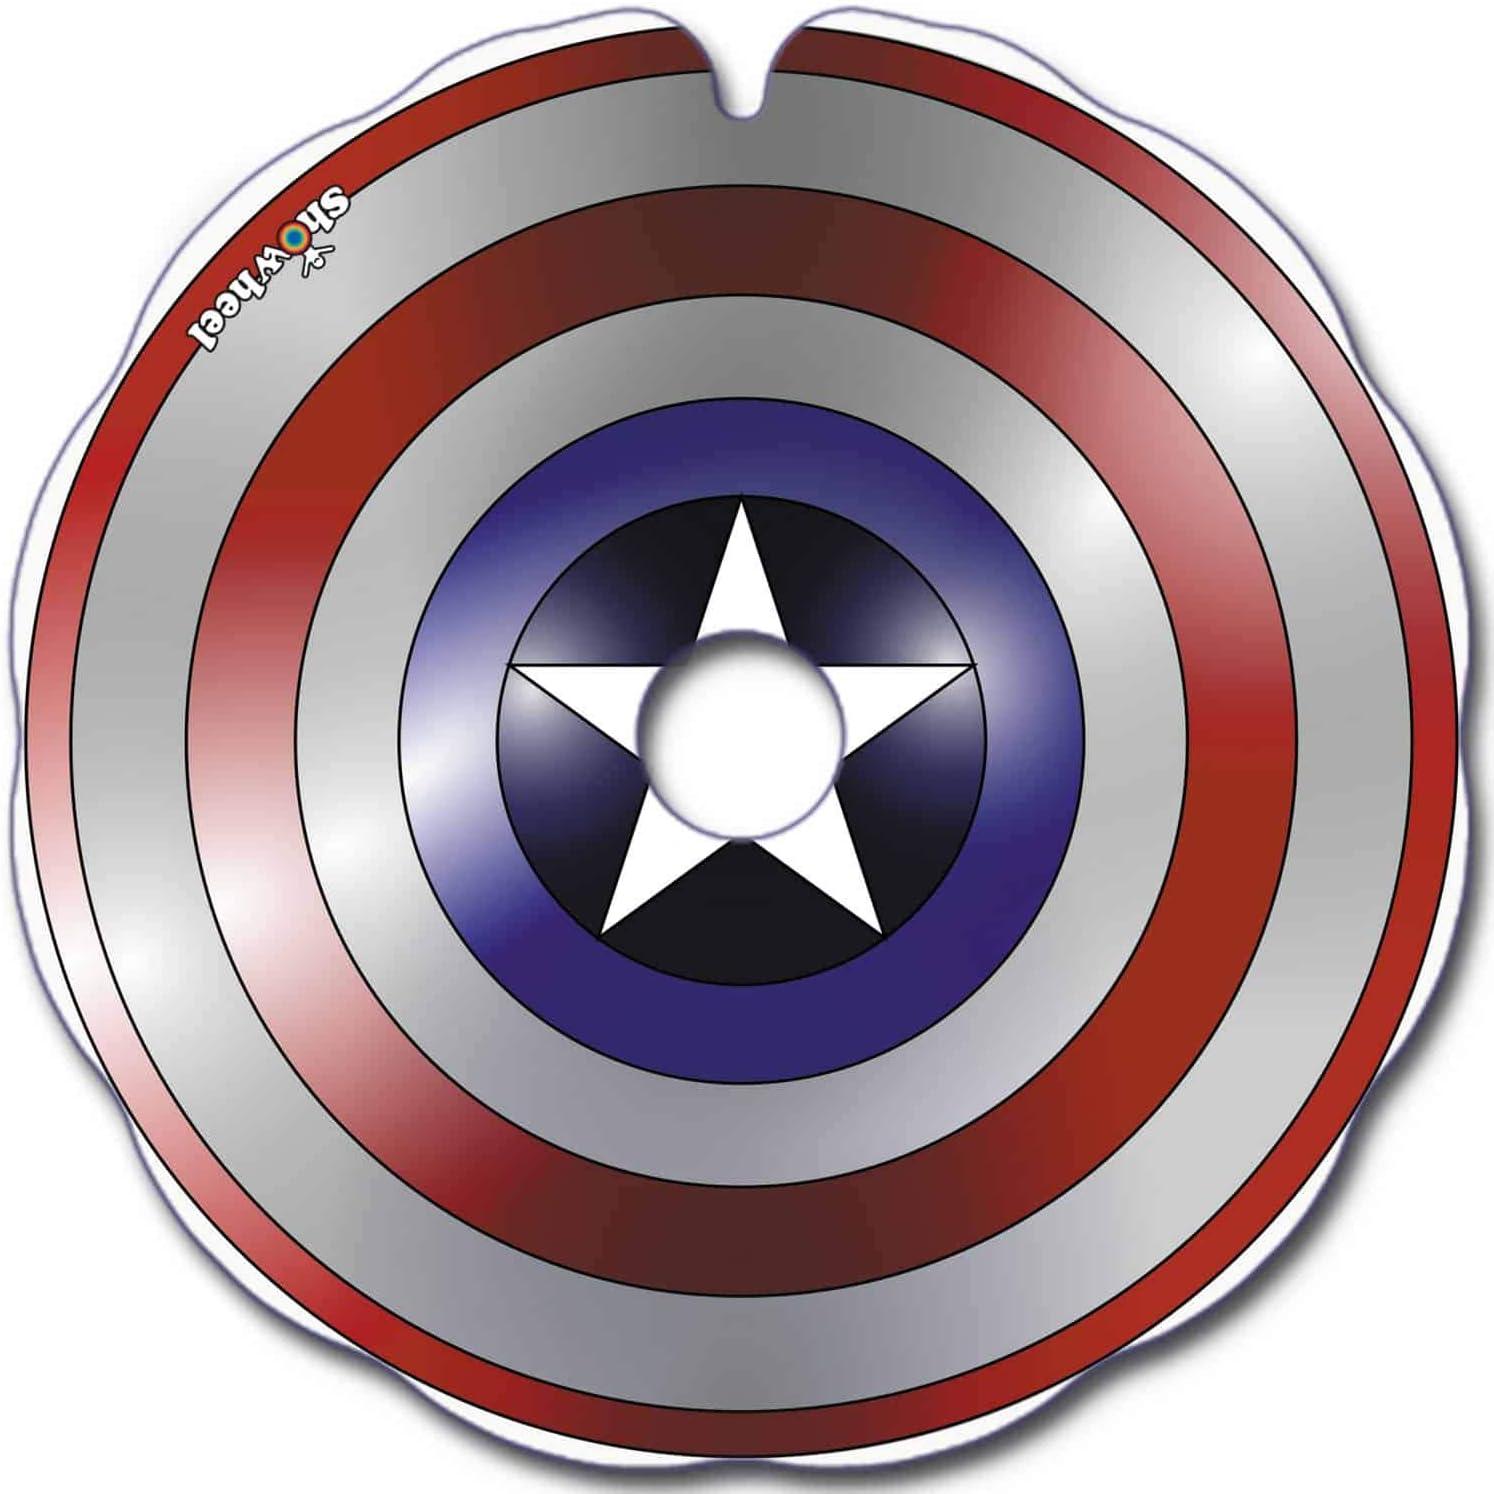 Petaca: protector para silla de ruedas (par) para pasamanos de 44,00 a 45,00 cm de diámetro. Exterior, fijación redonda – Capitán americano.